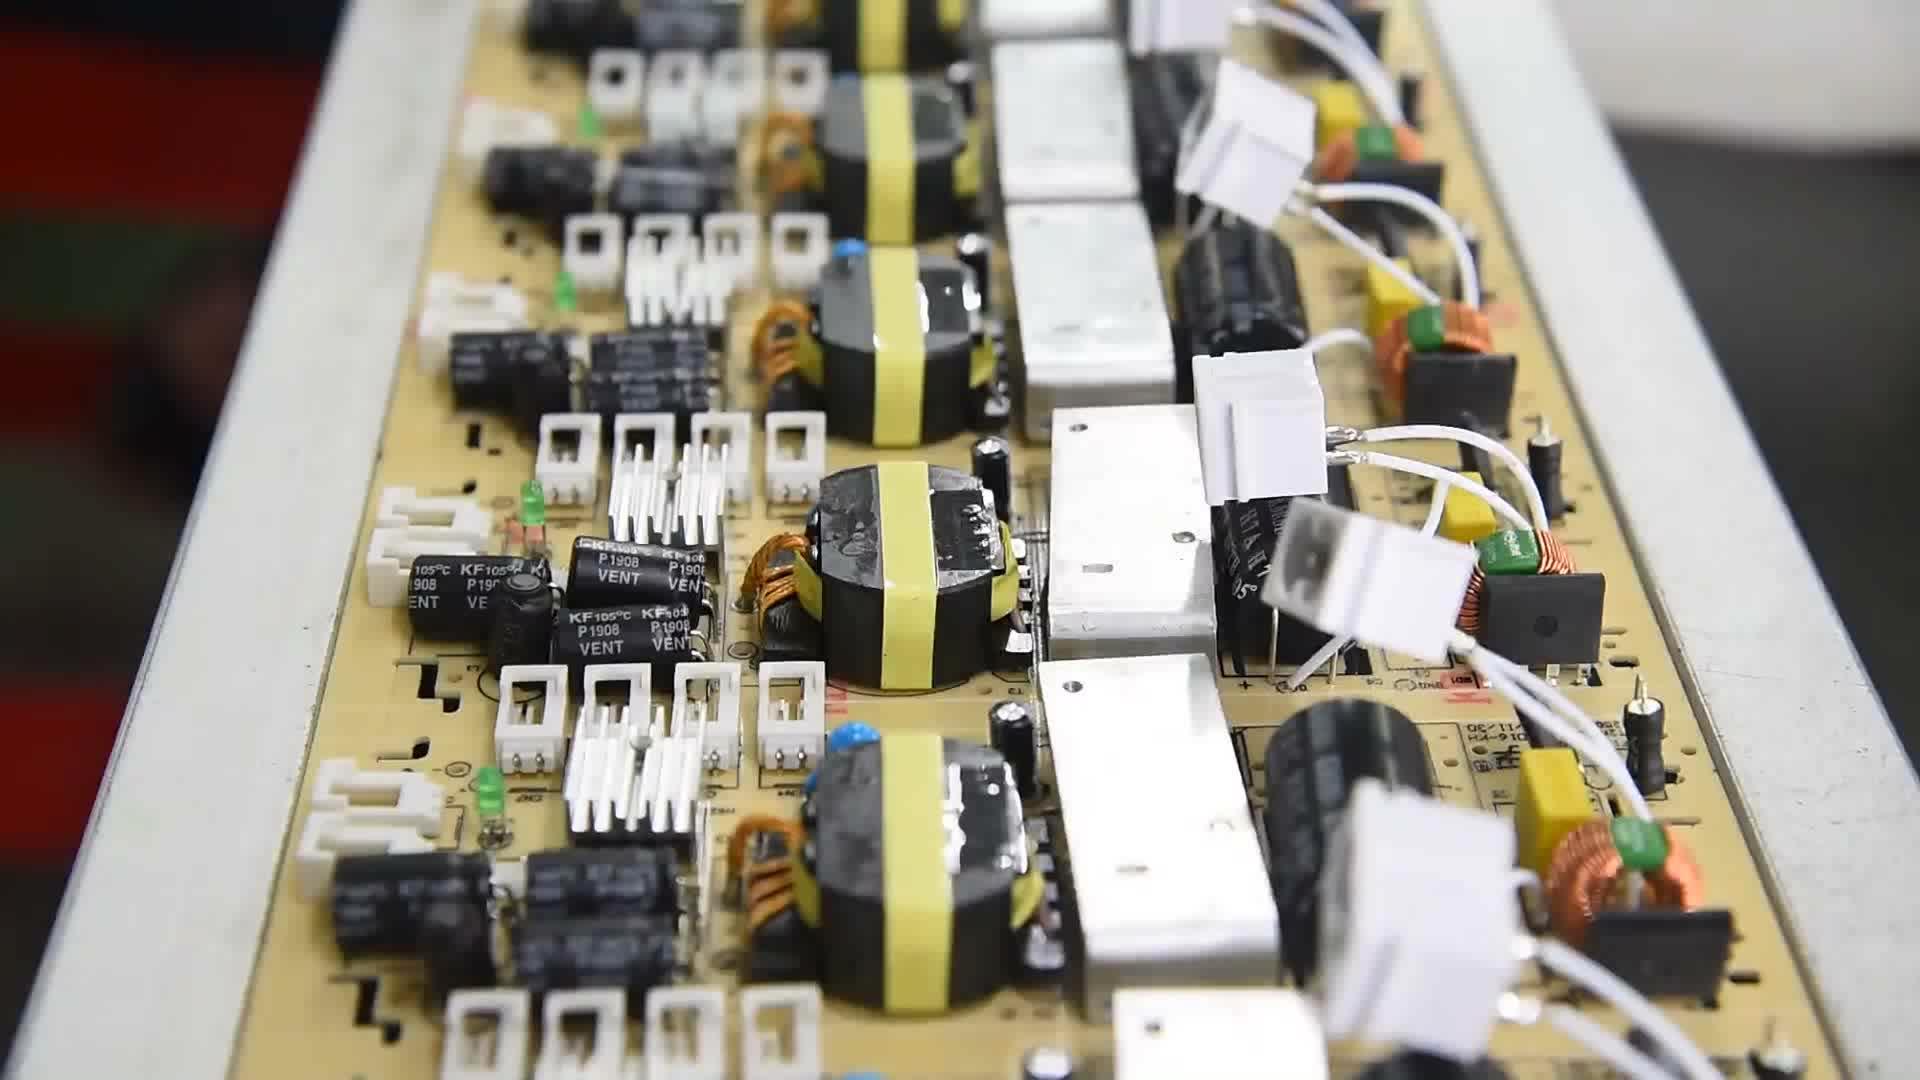 듀얼 출력 SMPS 5 볼트 9 볼트 Led 스위칭 전원 60 와트 CCTV 카메라 전원 공급